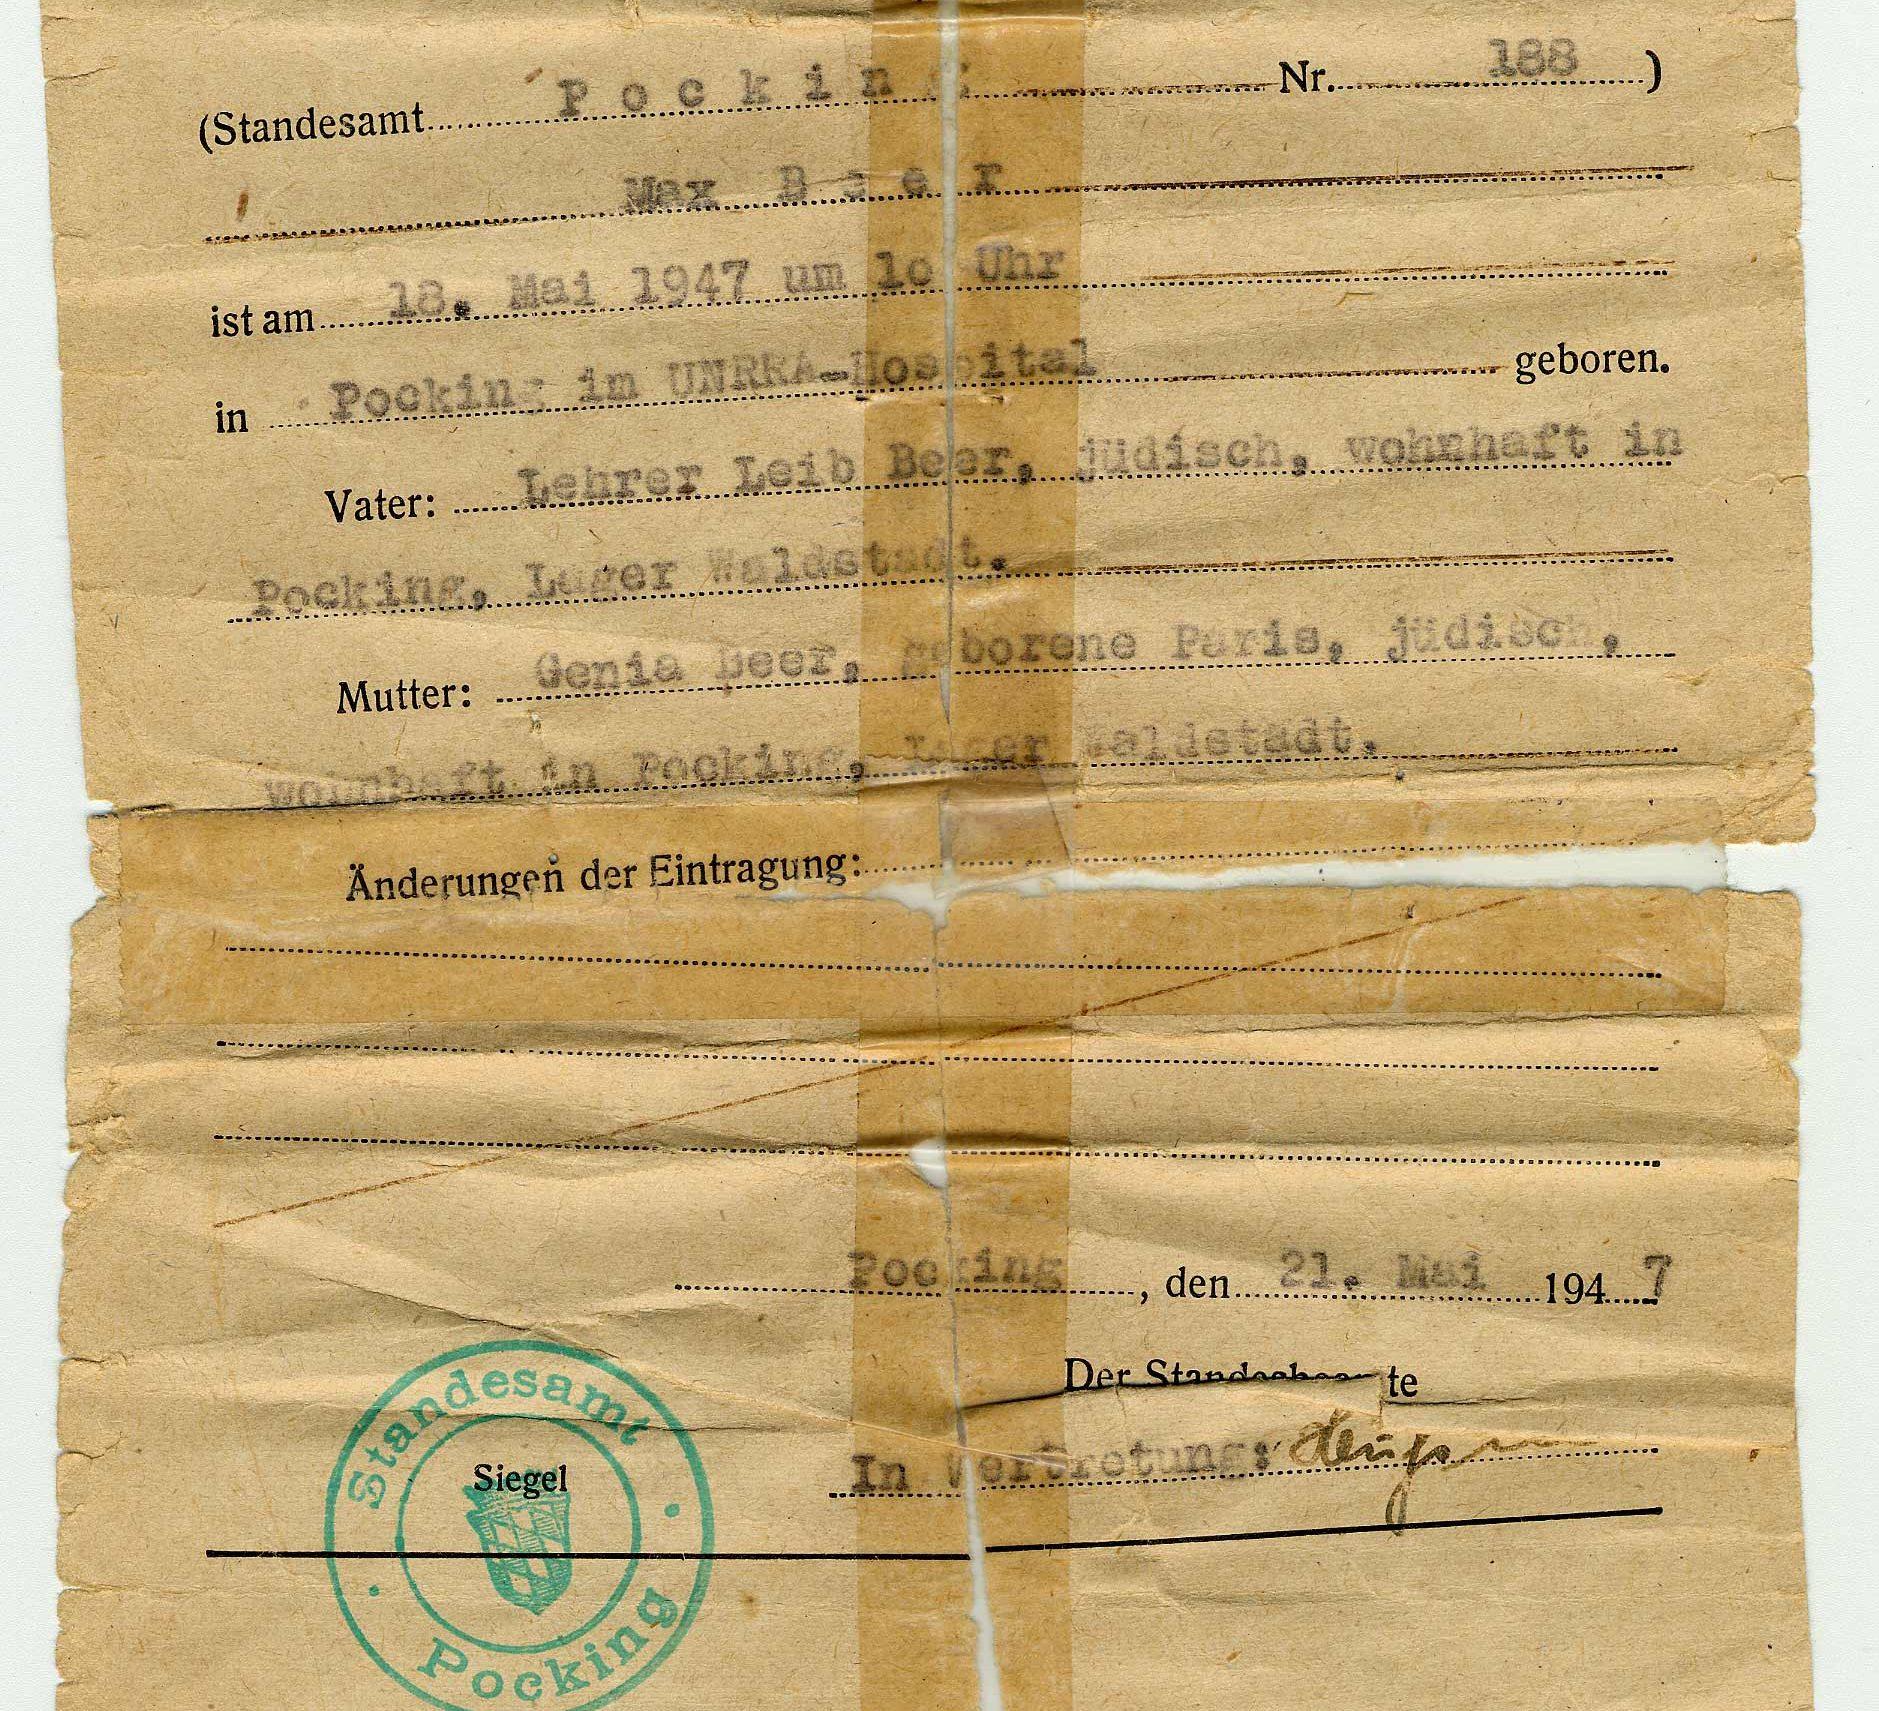 Le certificat de naissance de Max Beer. Il est né le 18 mai 1947 dans un camp de personnes déplacées géré par l'UNRRA (l'Administration des Nations Unies pour les secours et la reconstruction).